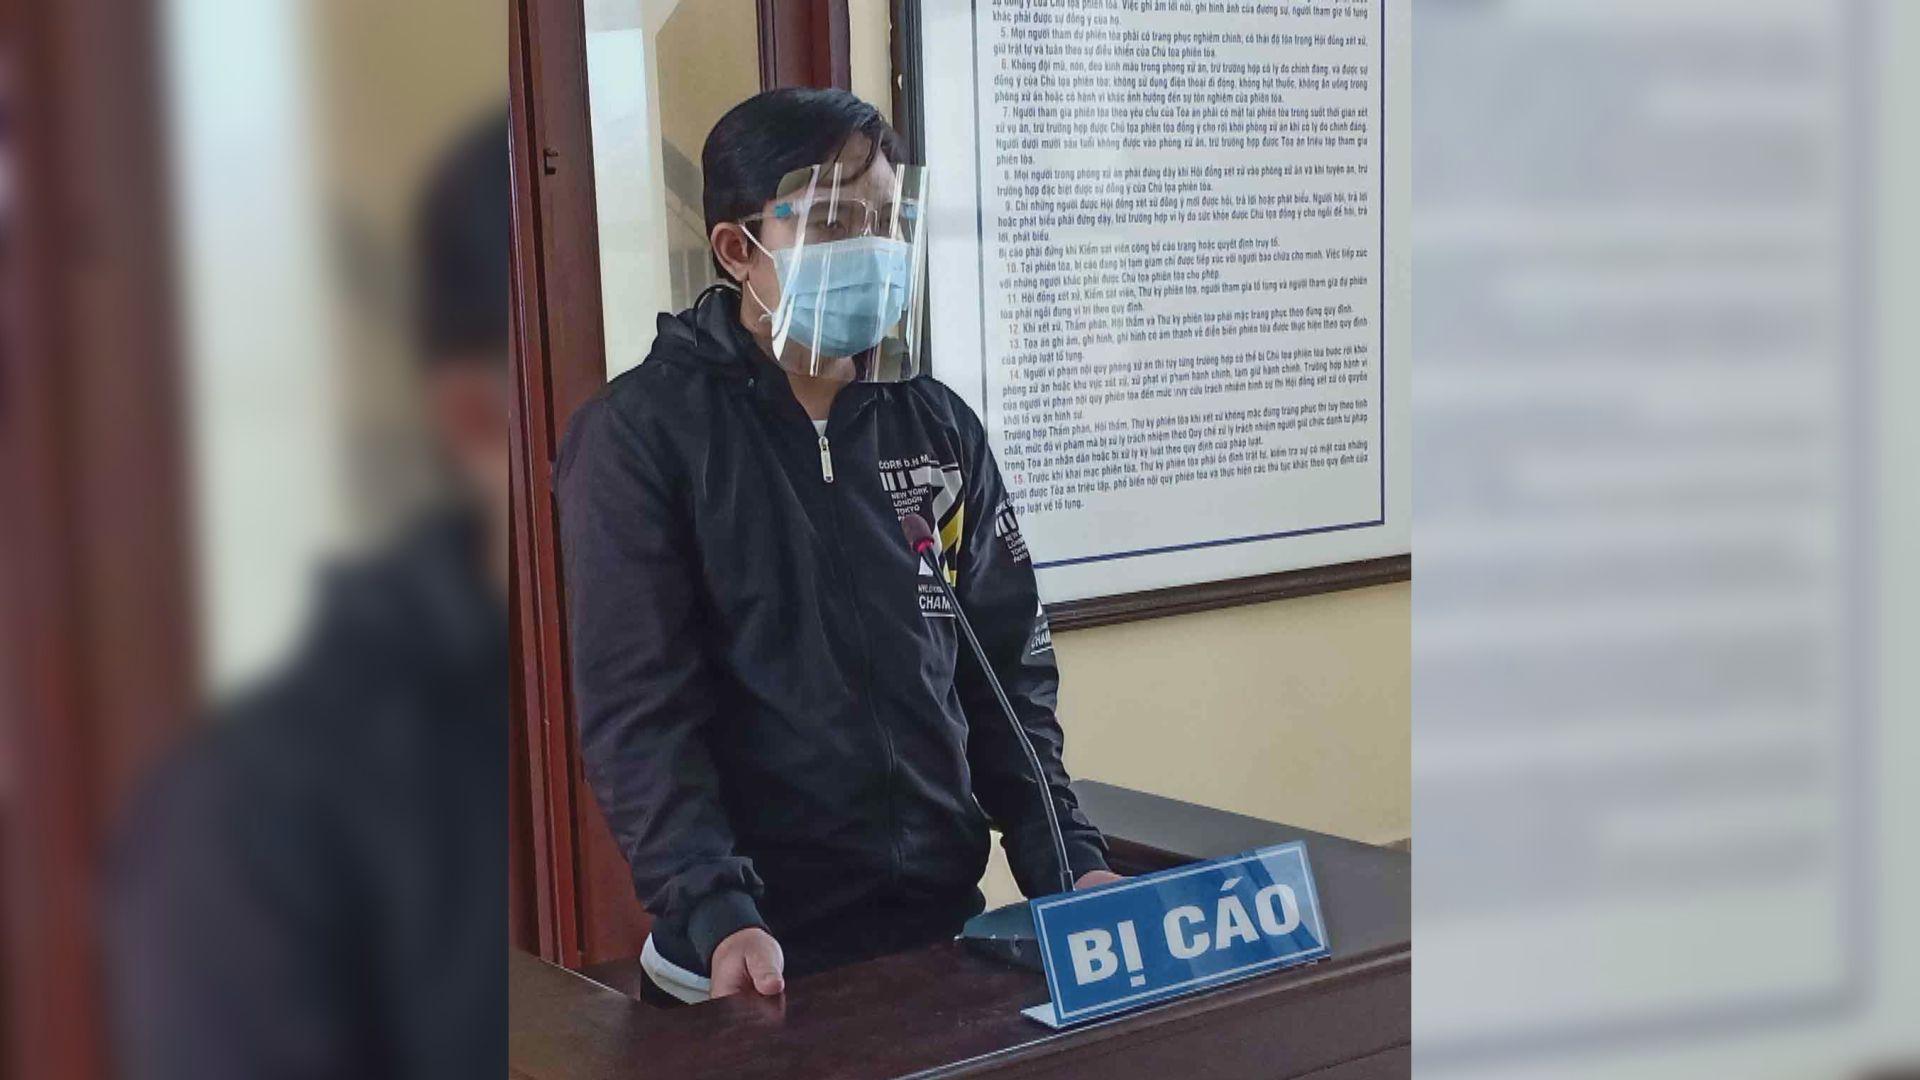 【環球薈報】越南男子違隔離令導致多人染疫 判監五年